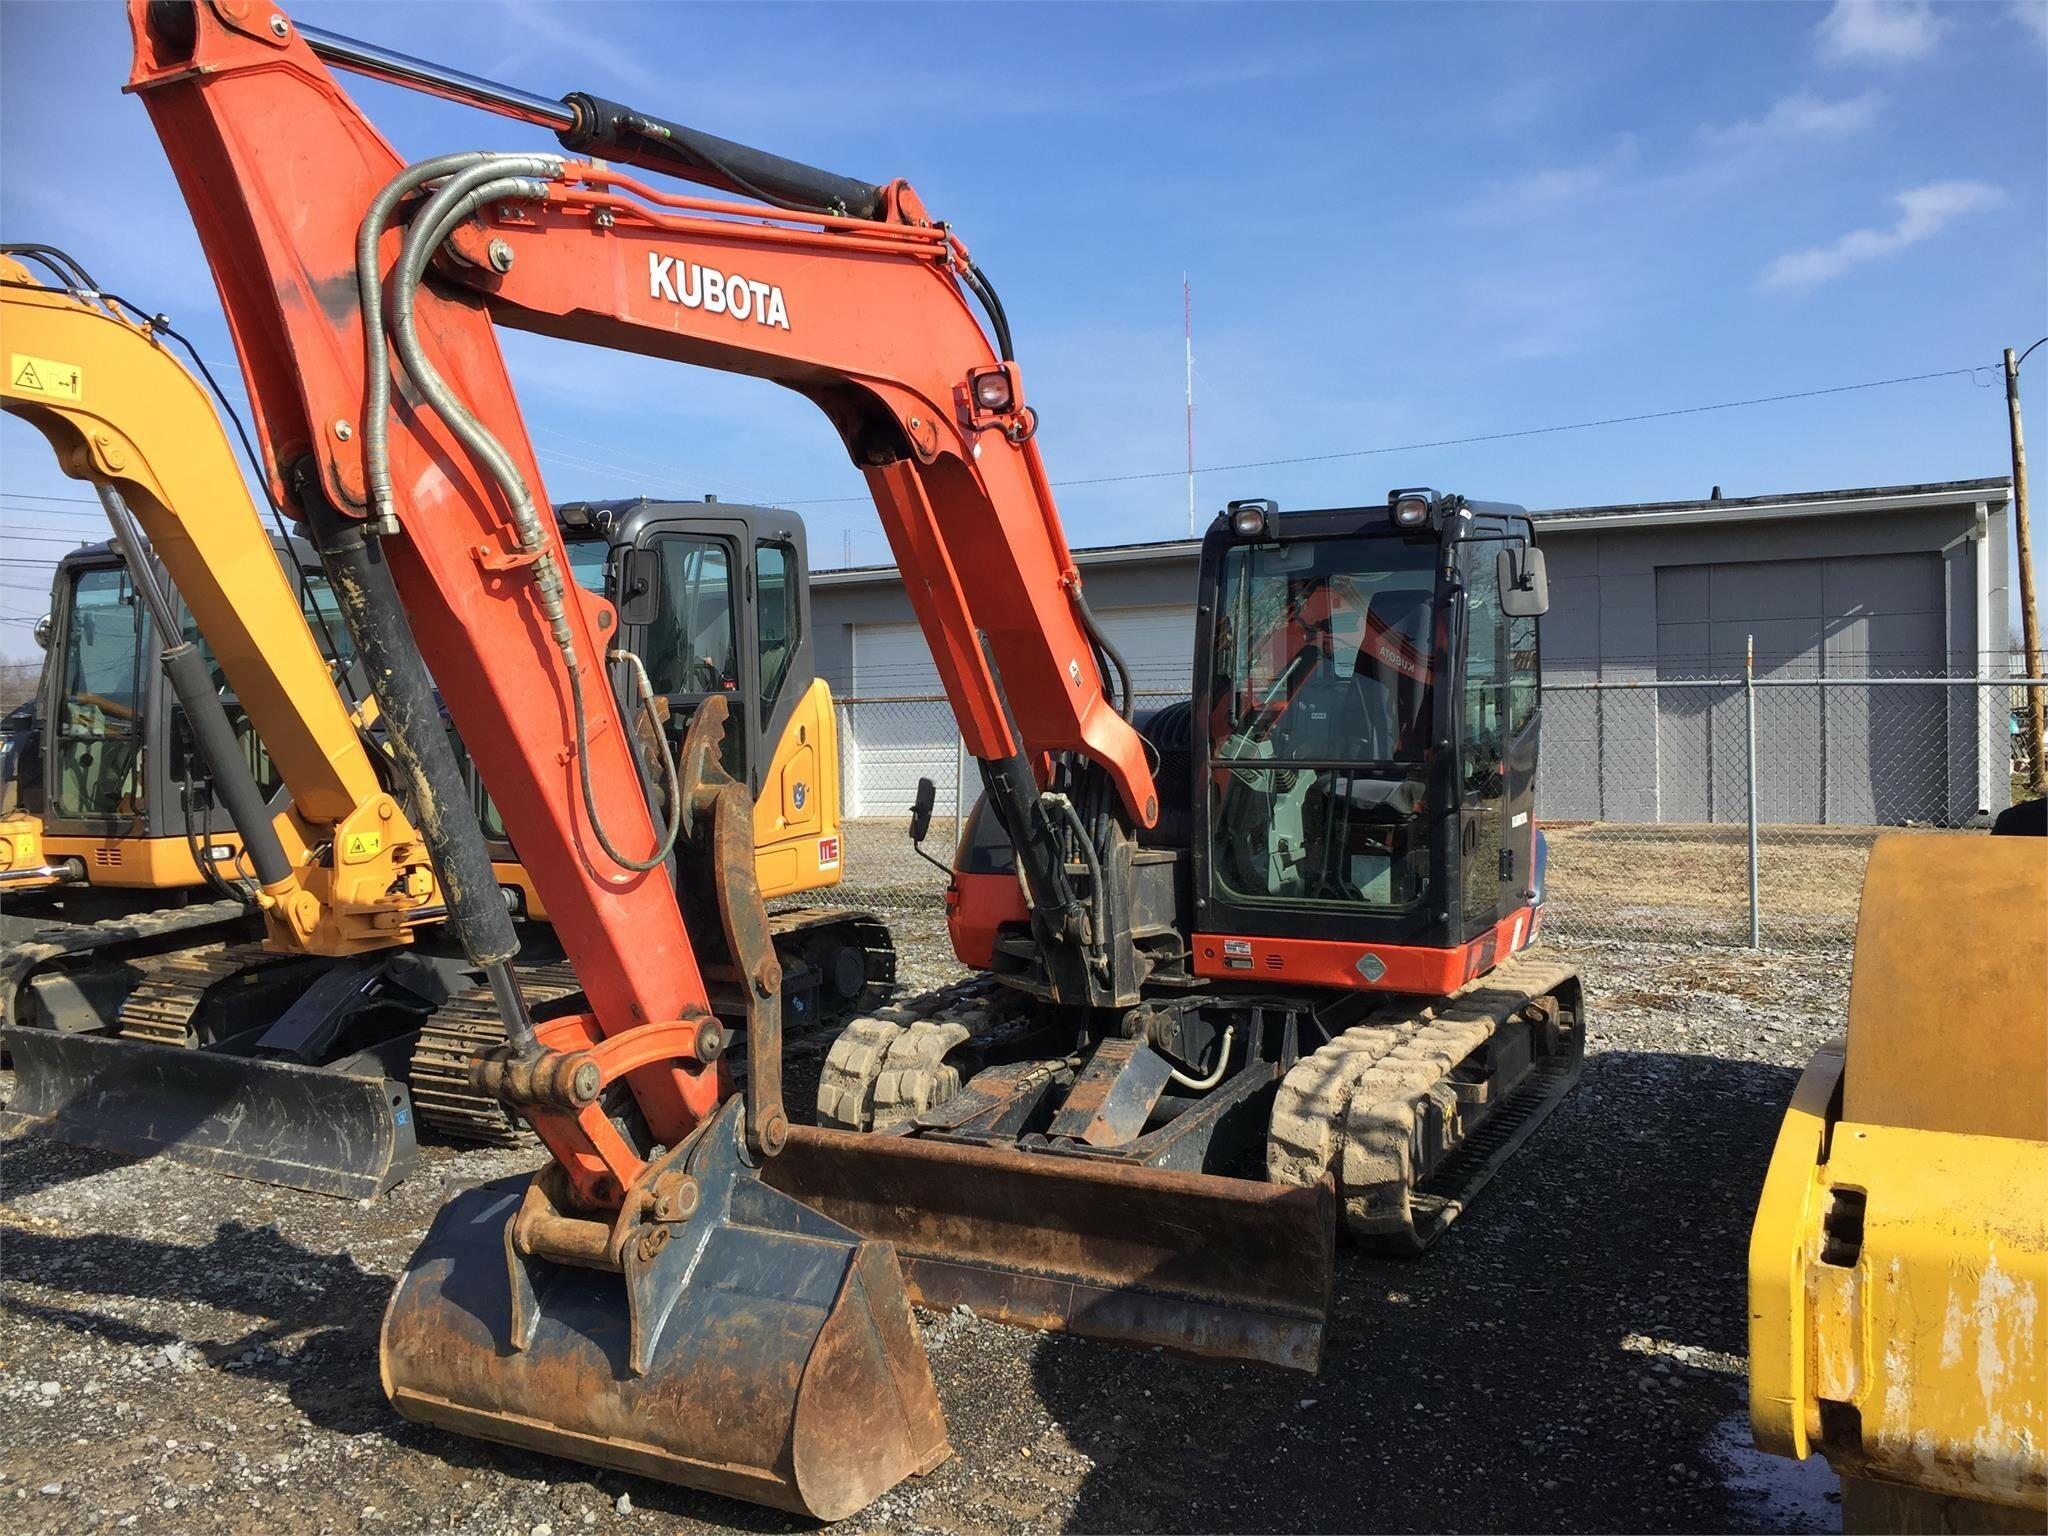 2014 Kubota KX080-4 Excavators and Mini Excavator